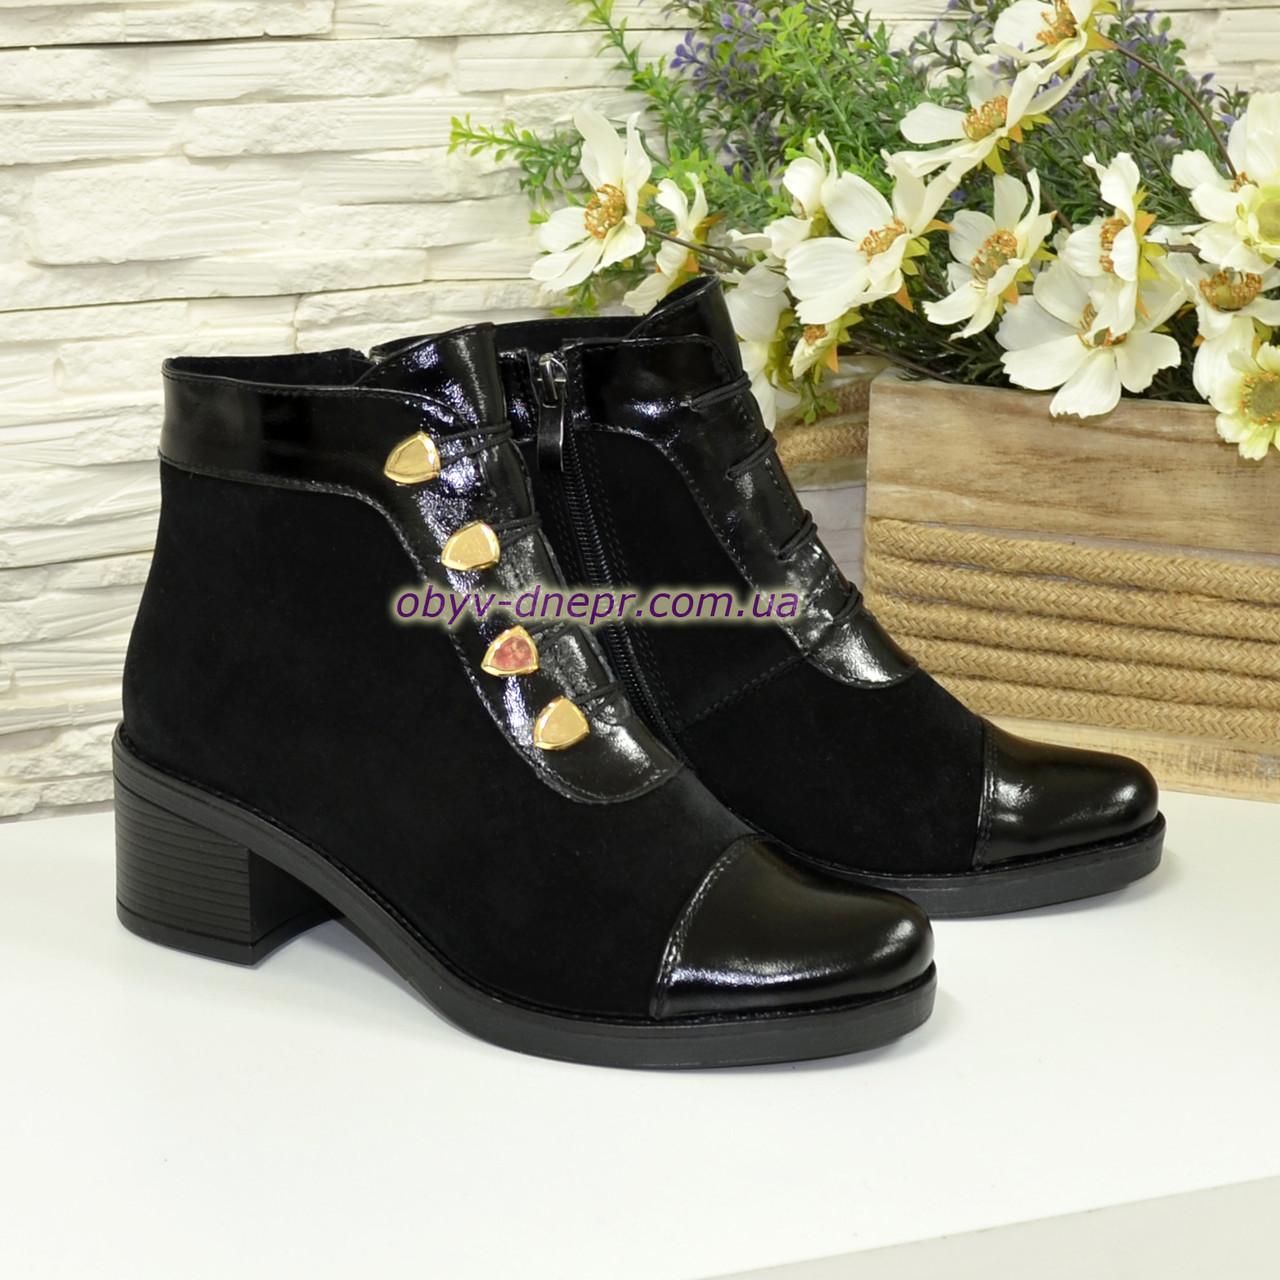 61a297551 Женские классические демисезонные ботинки на невысоком каблуке, натуральная  замша и лак